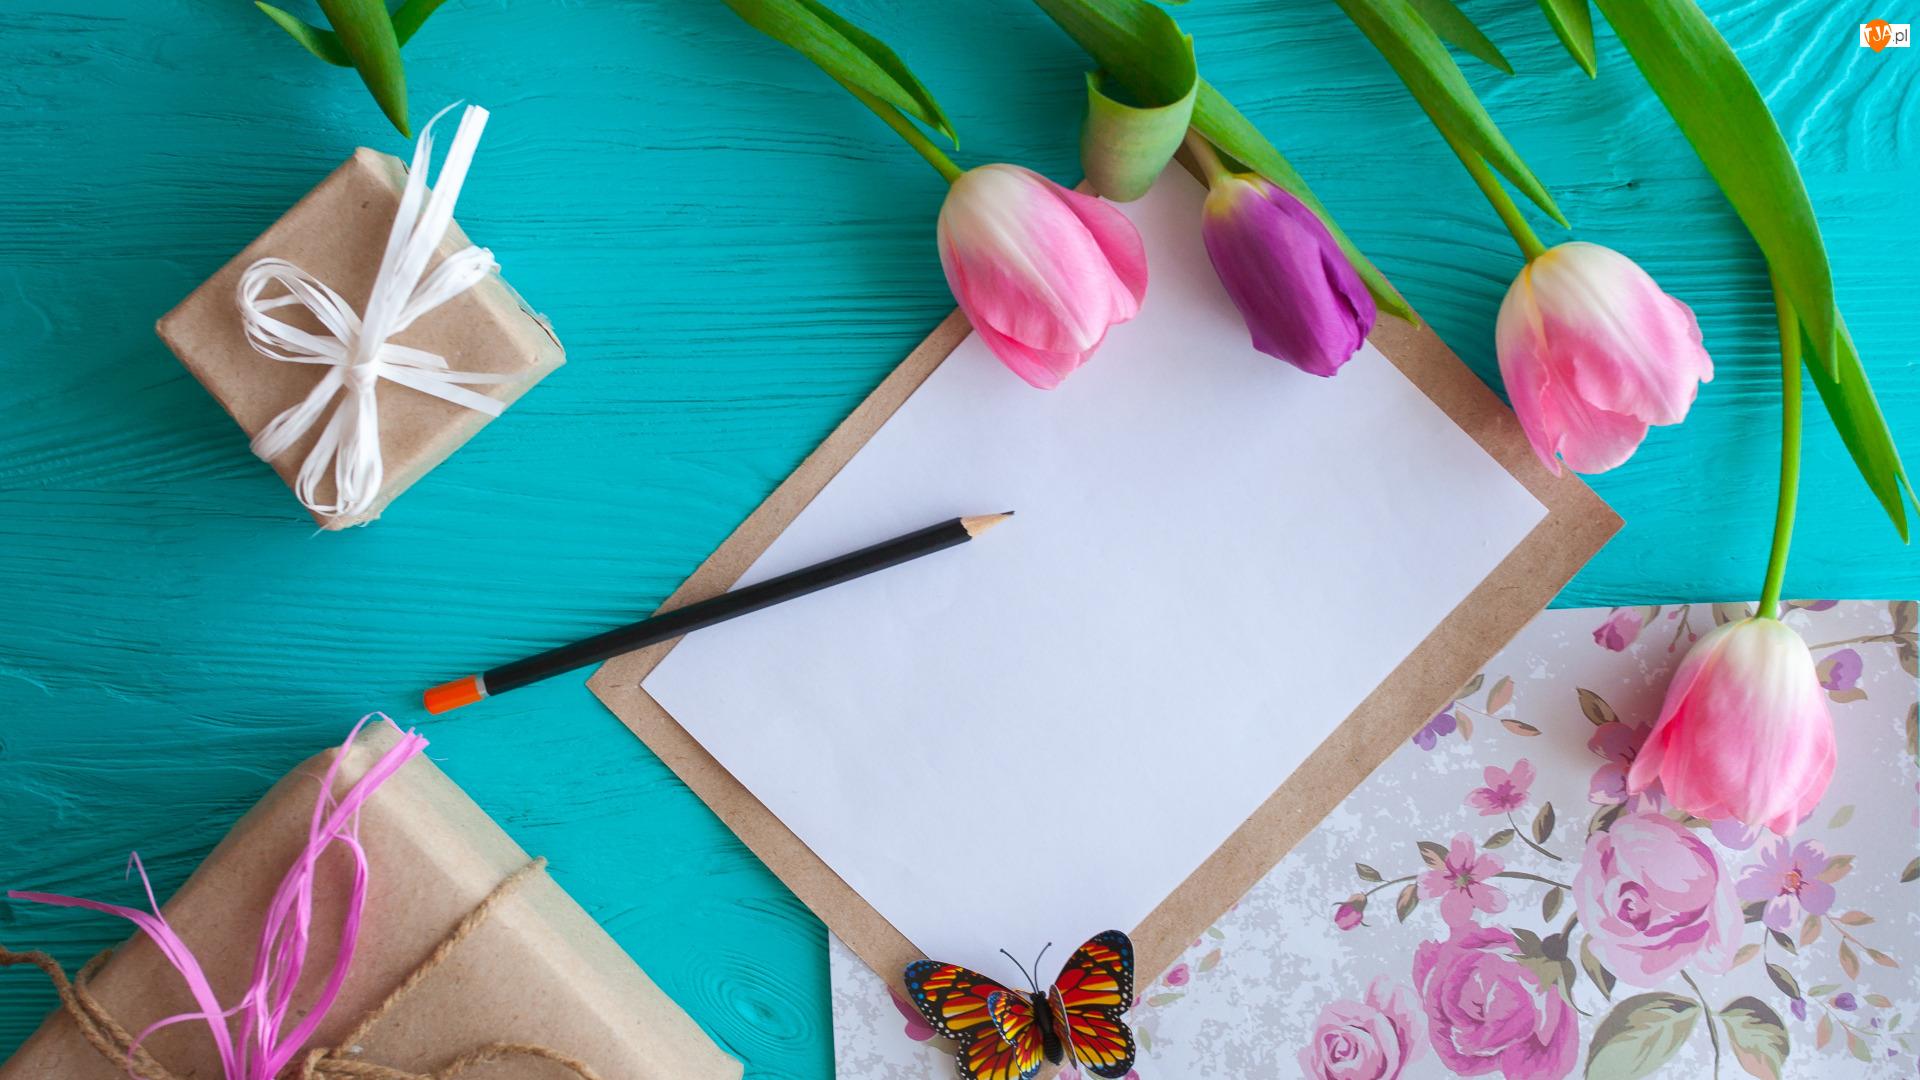 Prezenty, Ołówek Kwiaty, Pudełka, Papier, Opakowane, Tulipany, Motylek, Notes, Kolorowy